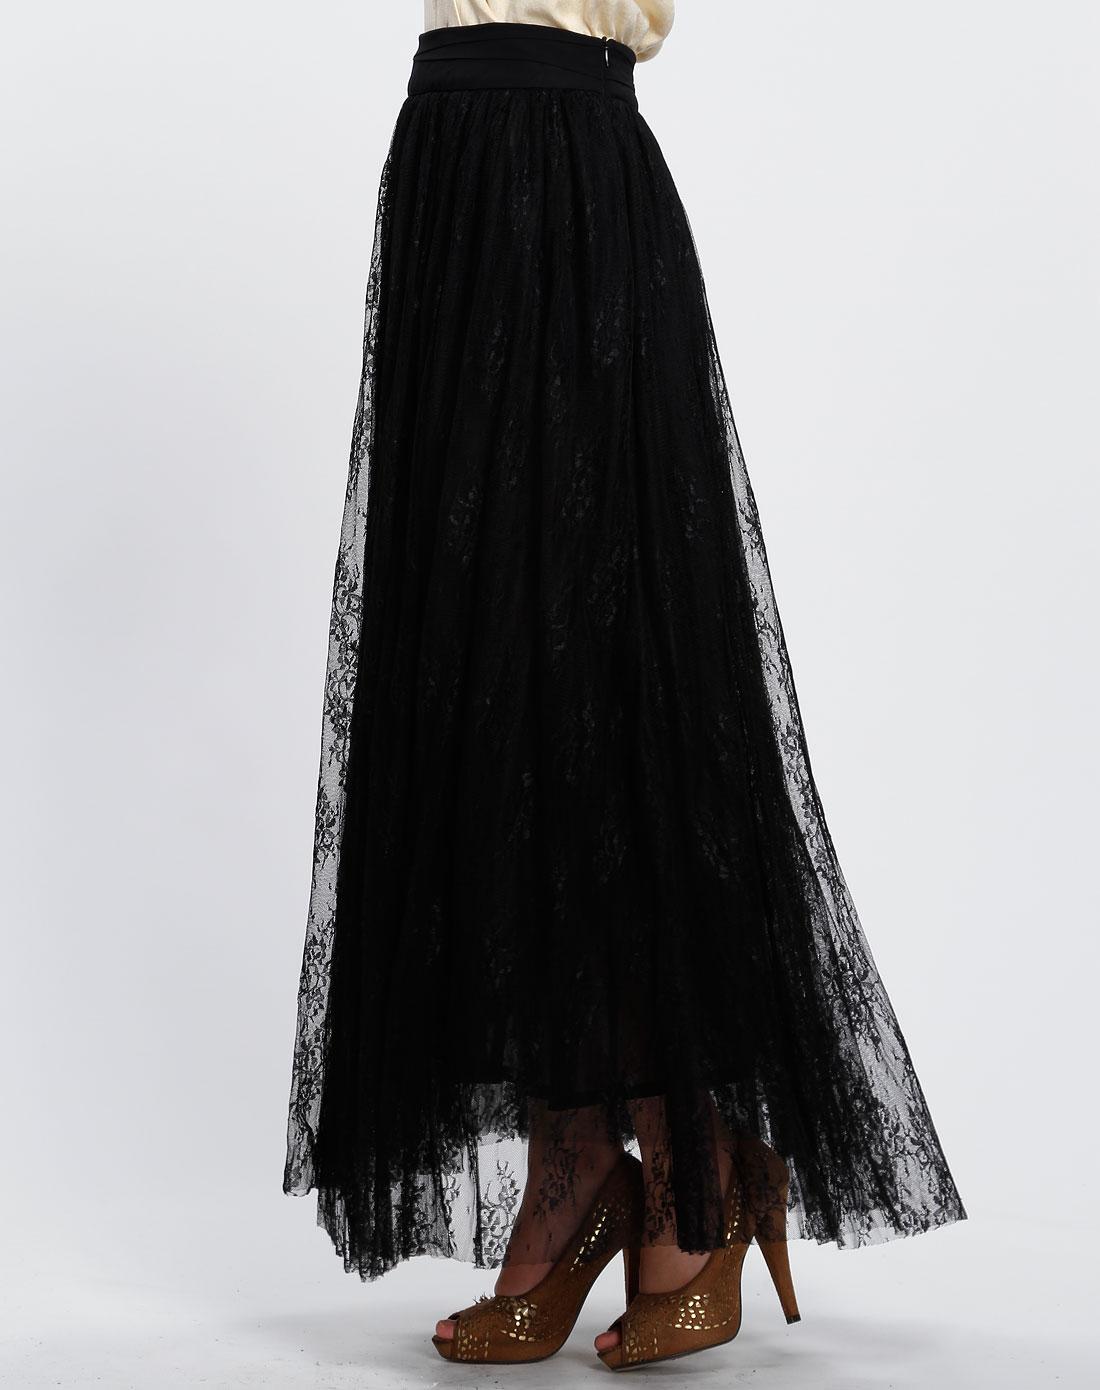 黑色蕾丝时尚长裙图片